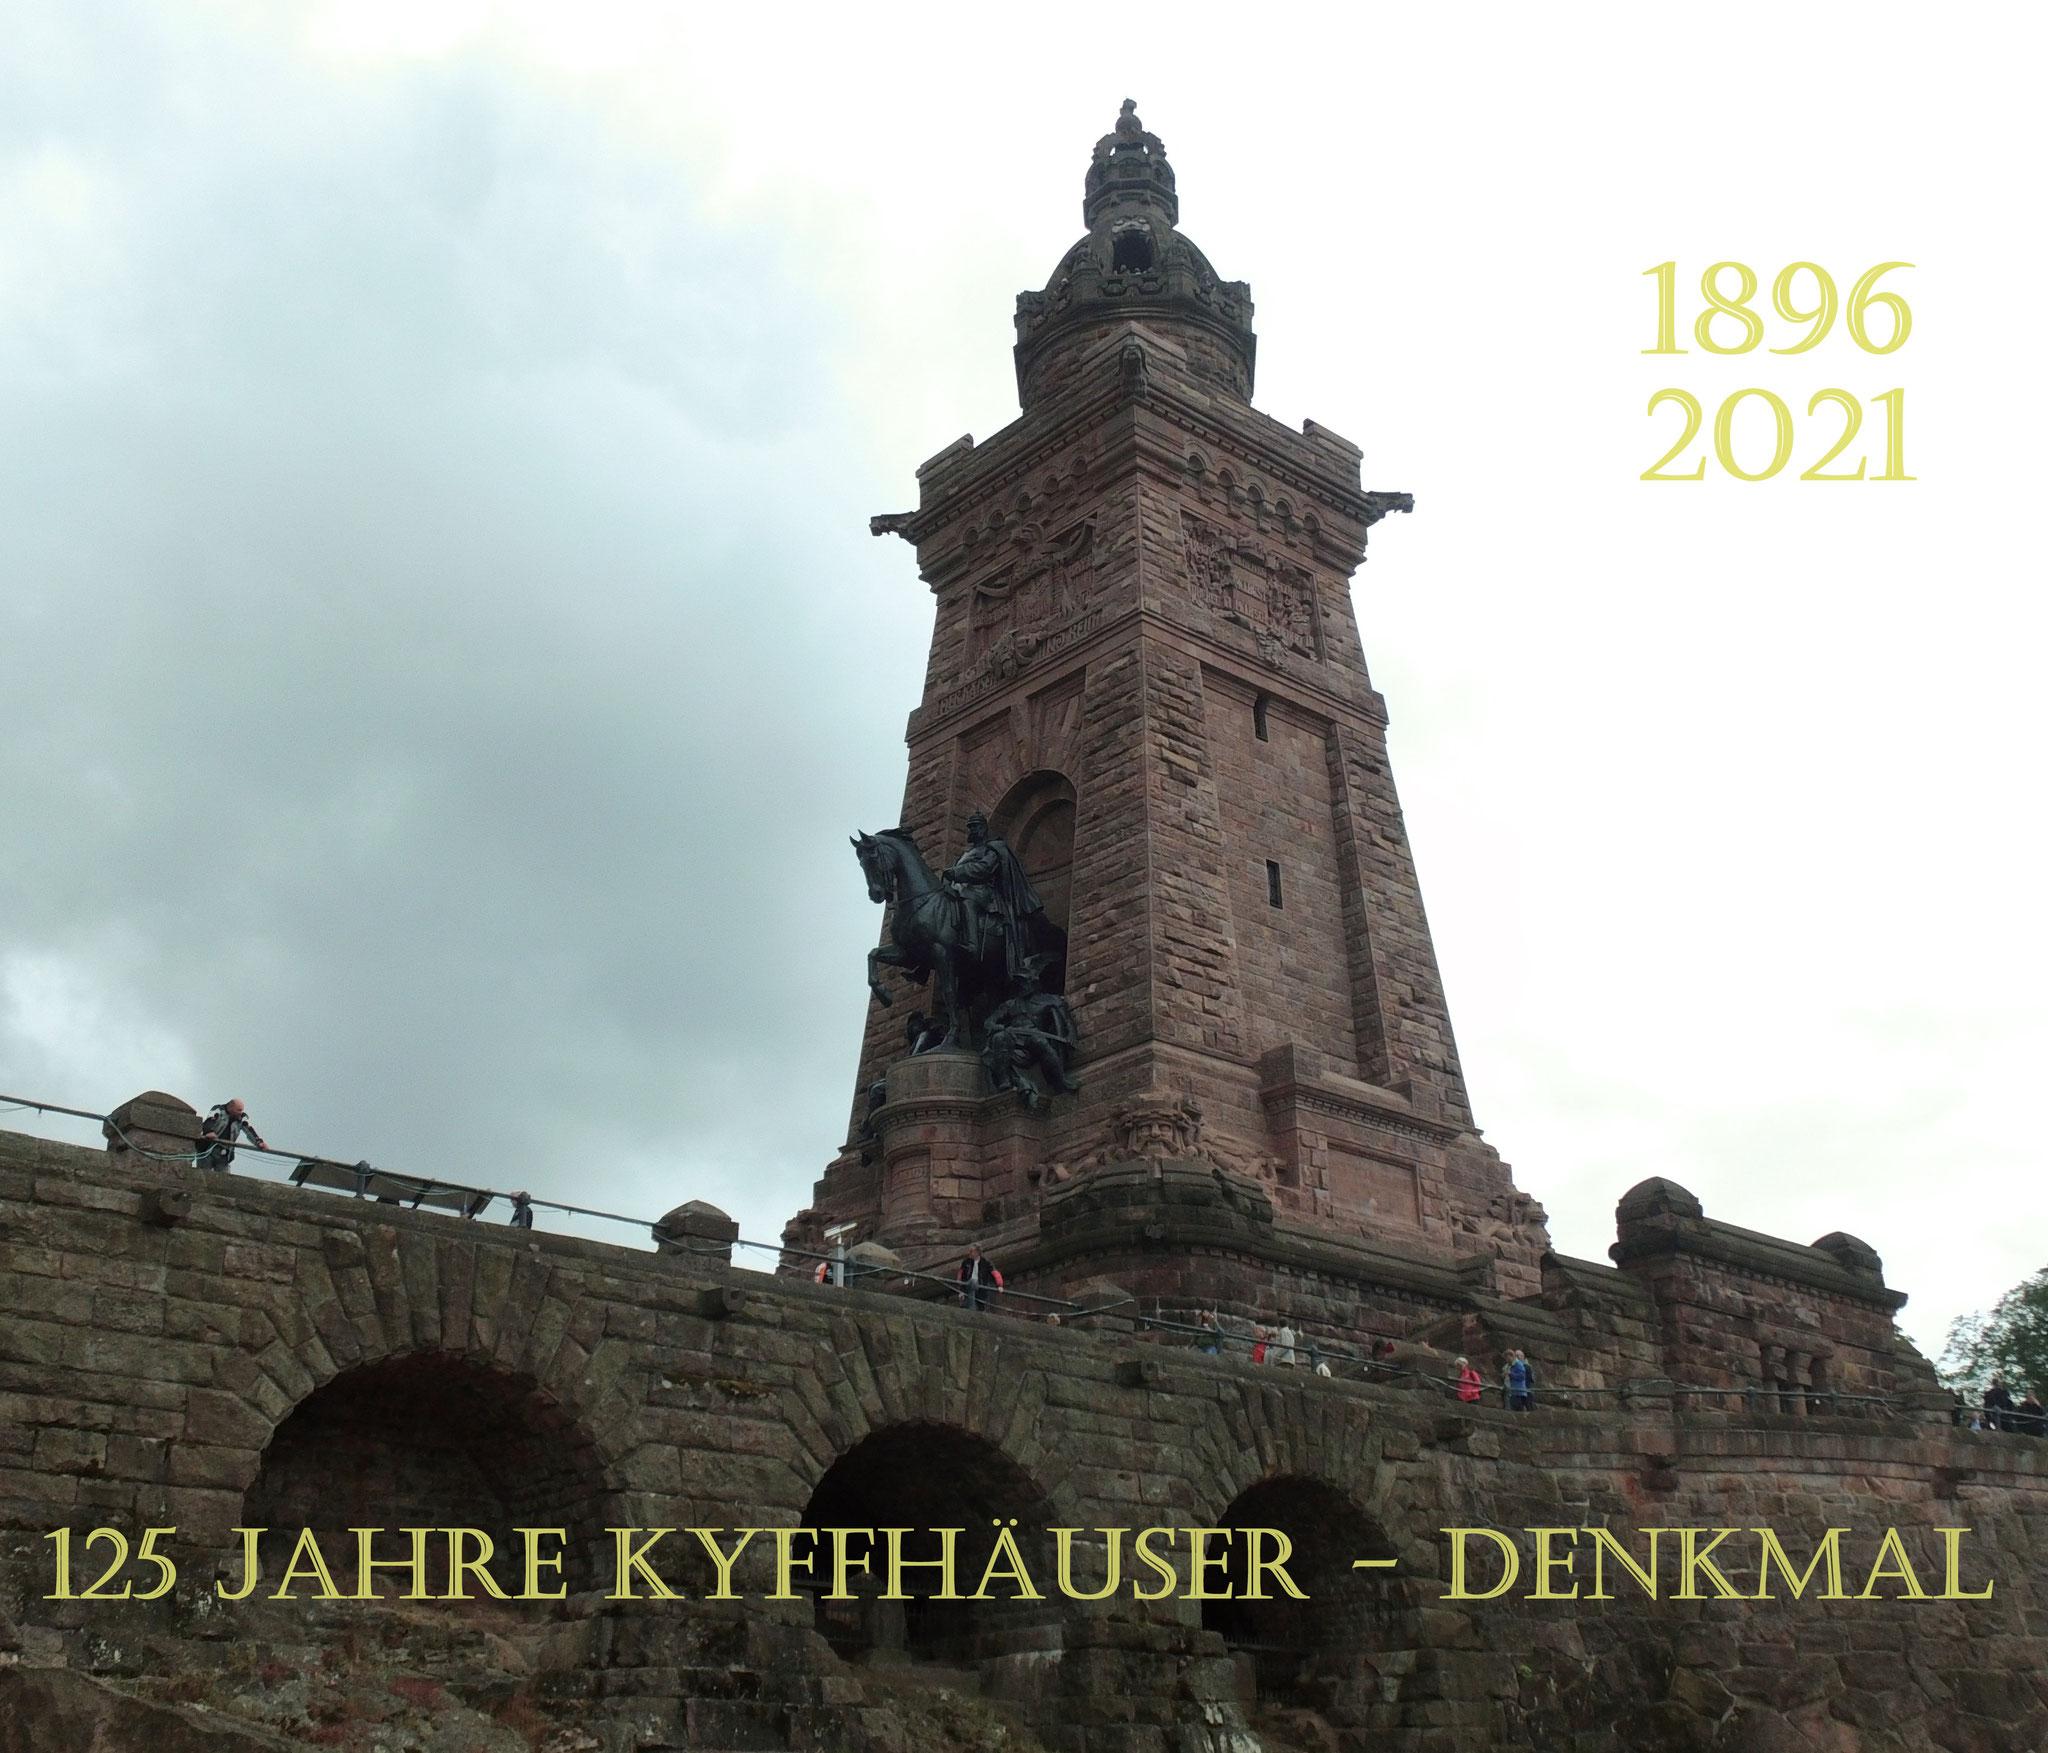 125 Jahre Kyffhäuser-Denkmal.